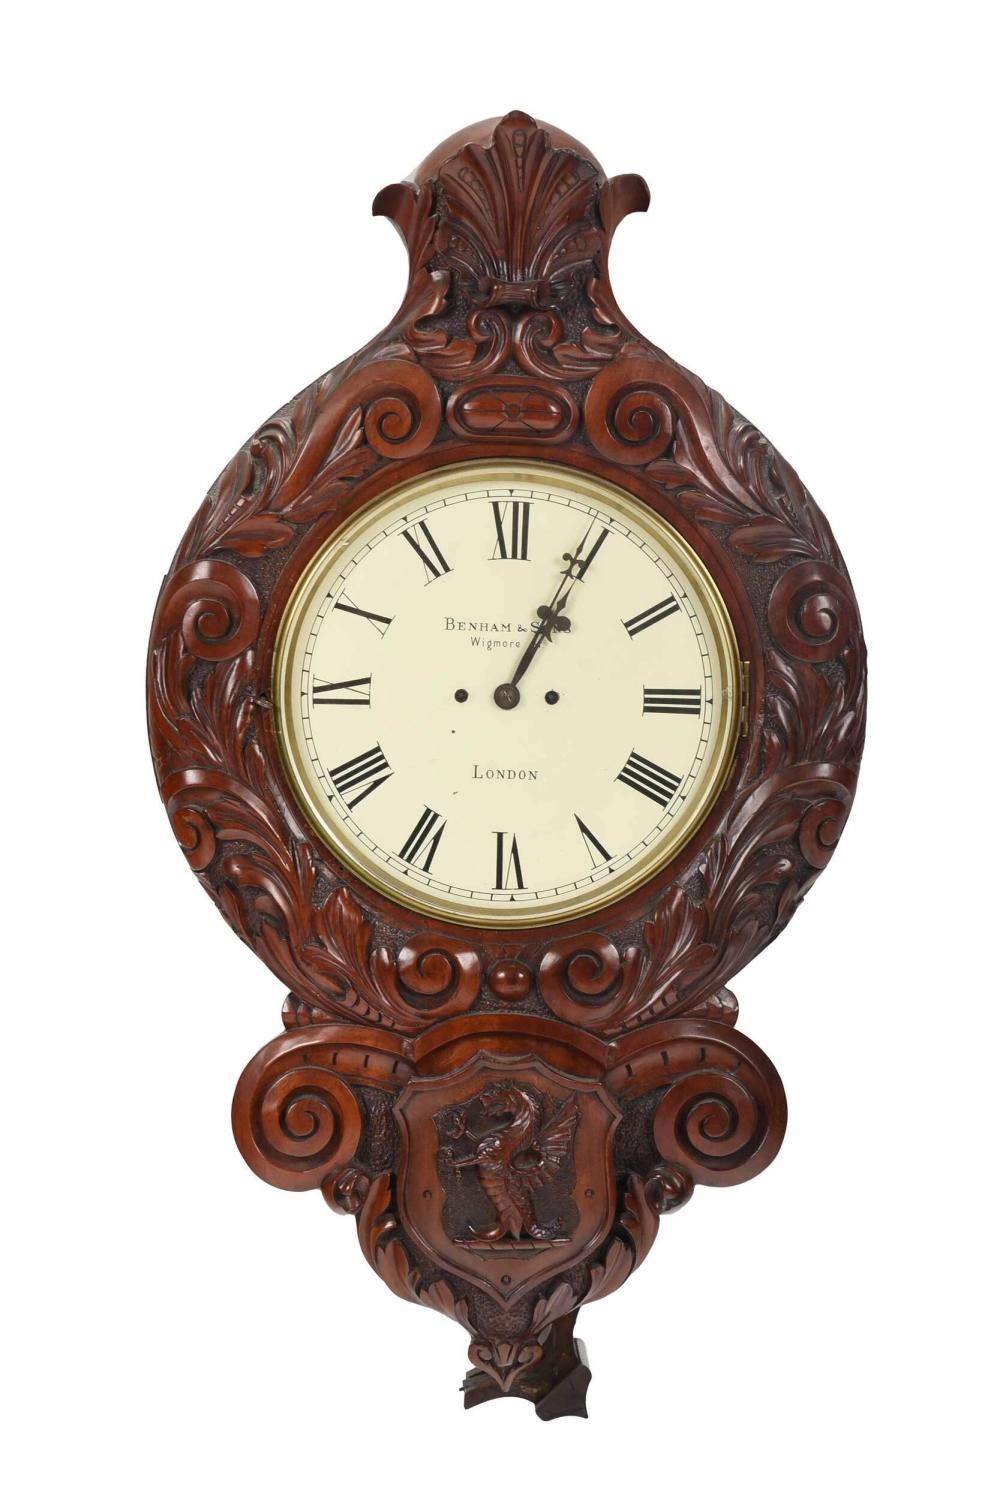 Benham & Sons Carved Mahogany Wall Clock